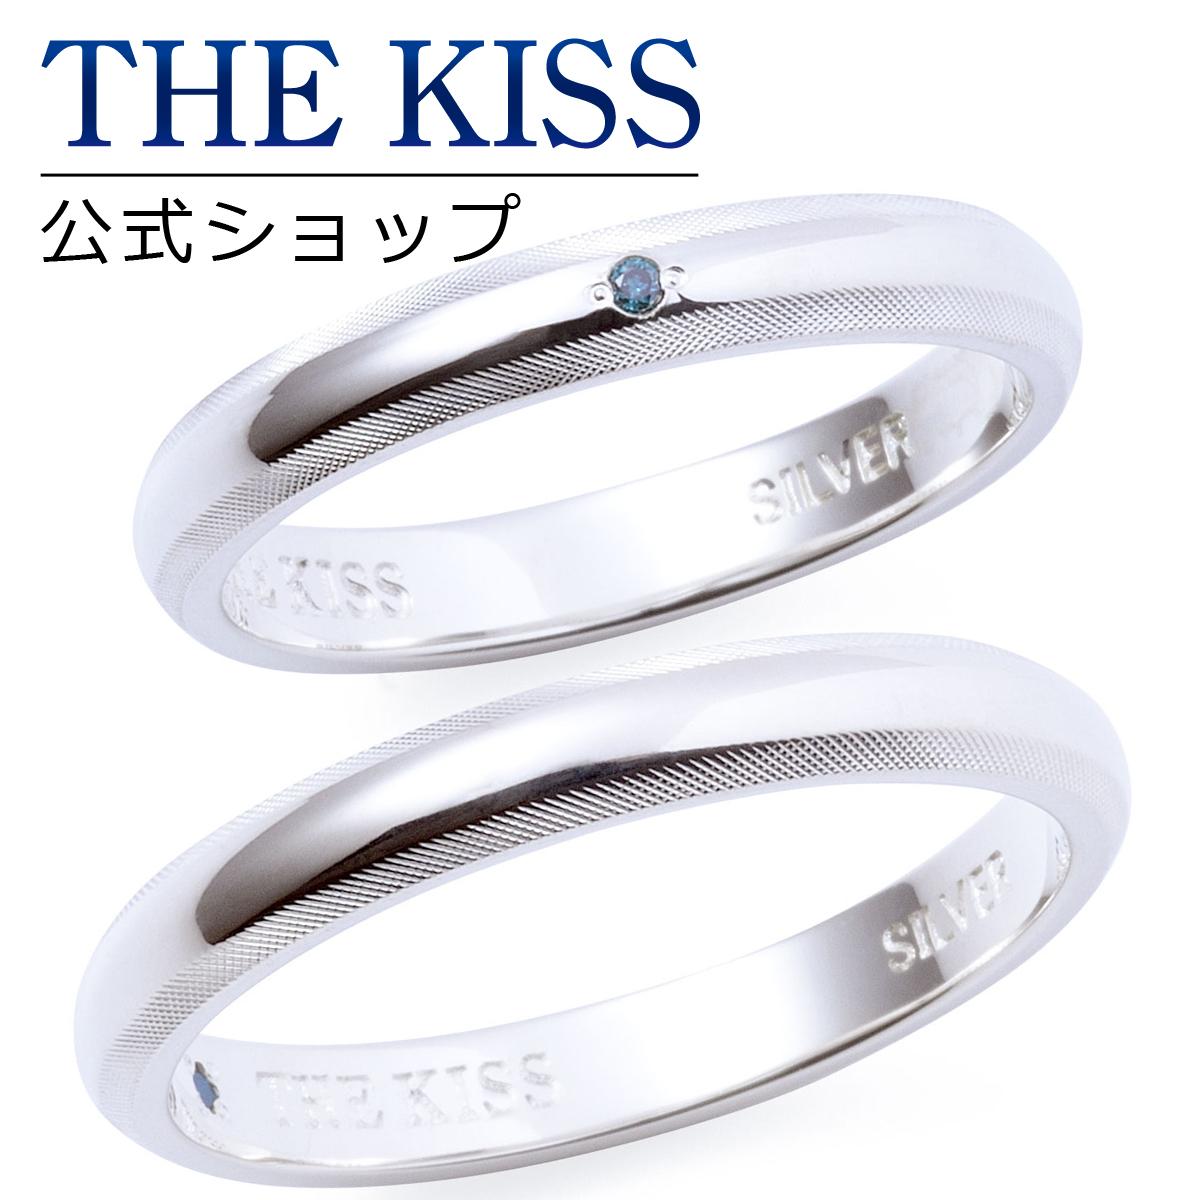 【あす楽対応】THE KISS 公式サイト シルバー ペアリング ダイヤモンド ペアアクセサリー カップル に 人気 の ジュエリーブランド THEKISS ペア リング・指輪 記念日 プレゼント SR2023BDM-2024BDM セット シンプル 男性 女性 2個ペア ザキス 【送料無料】